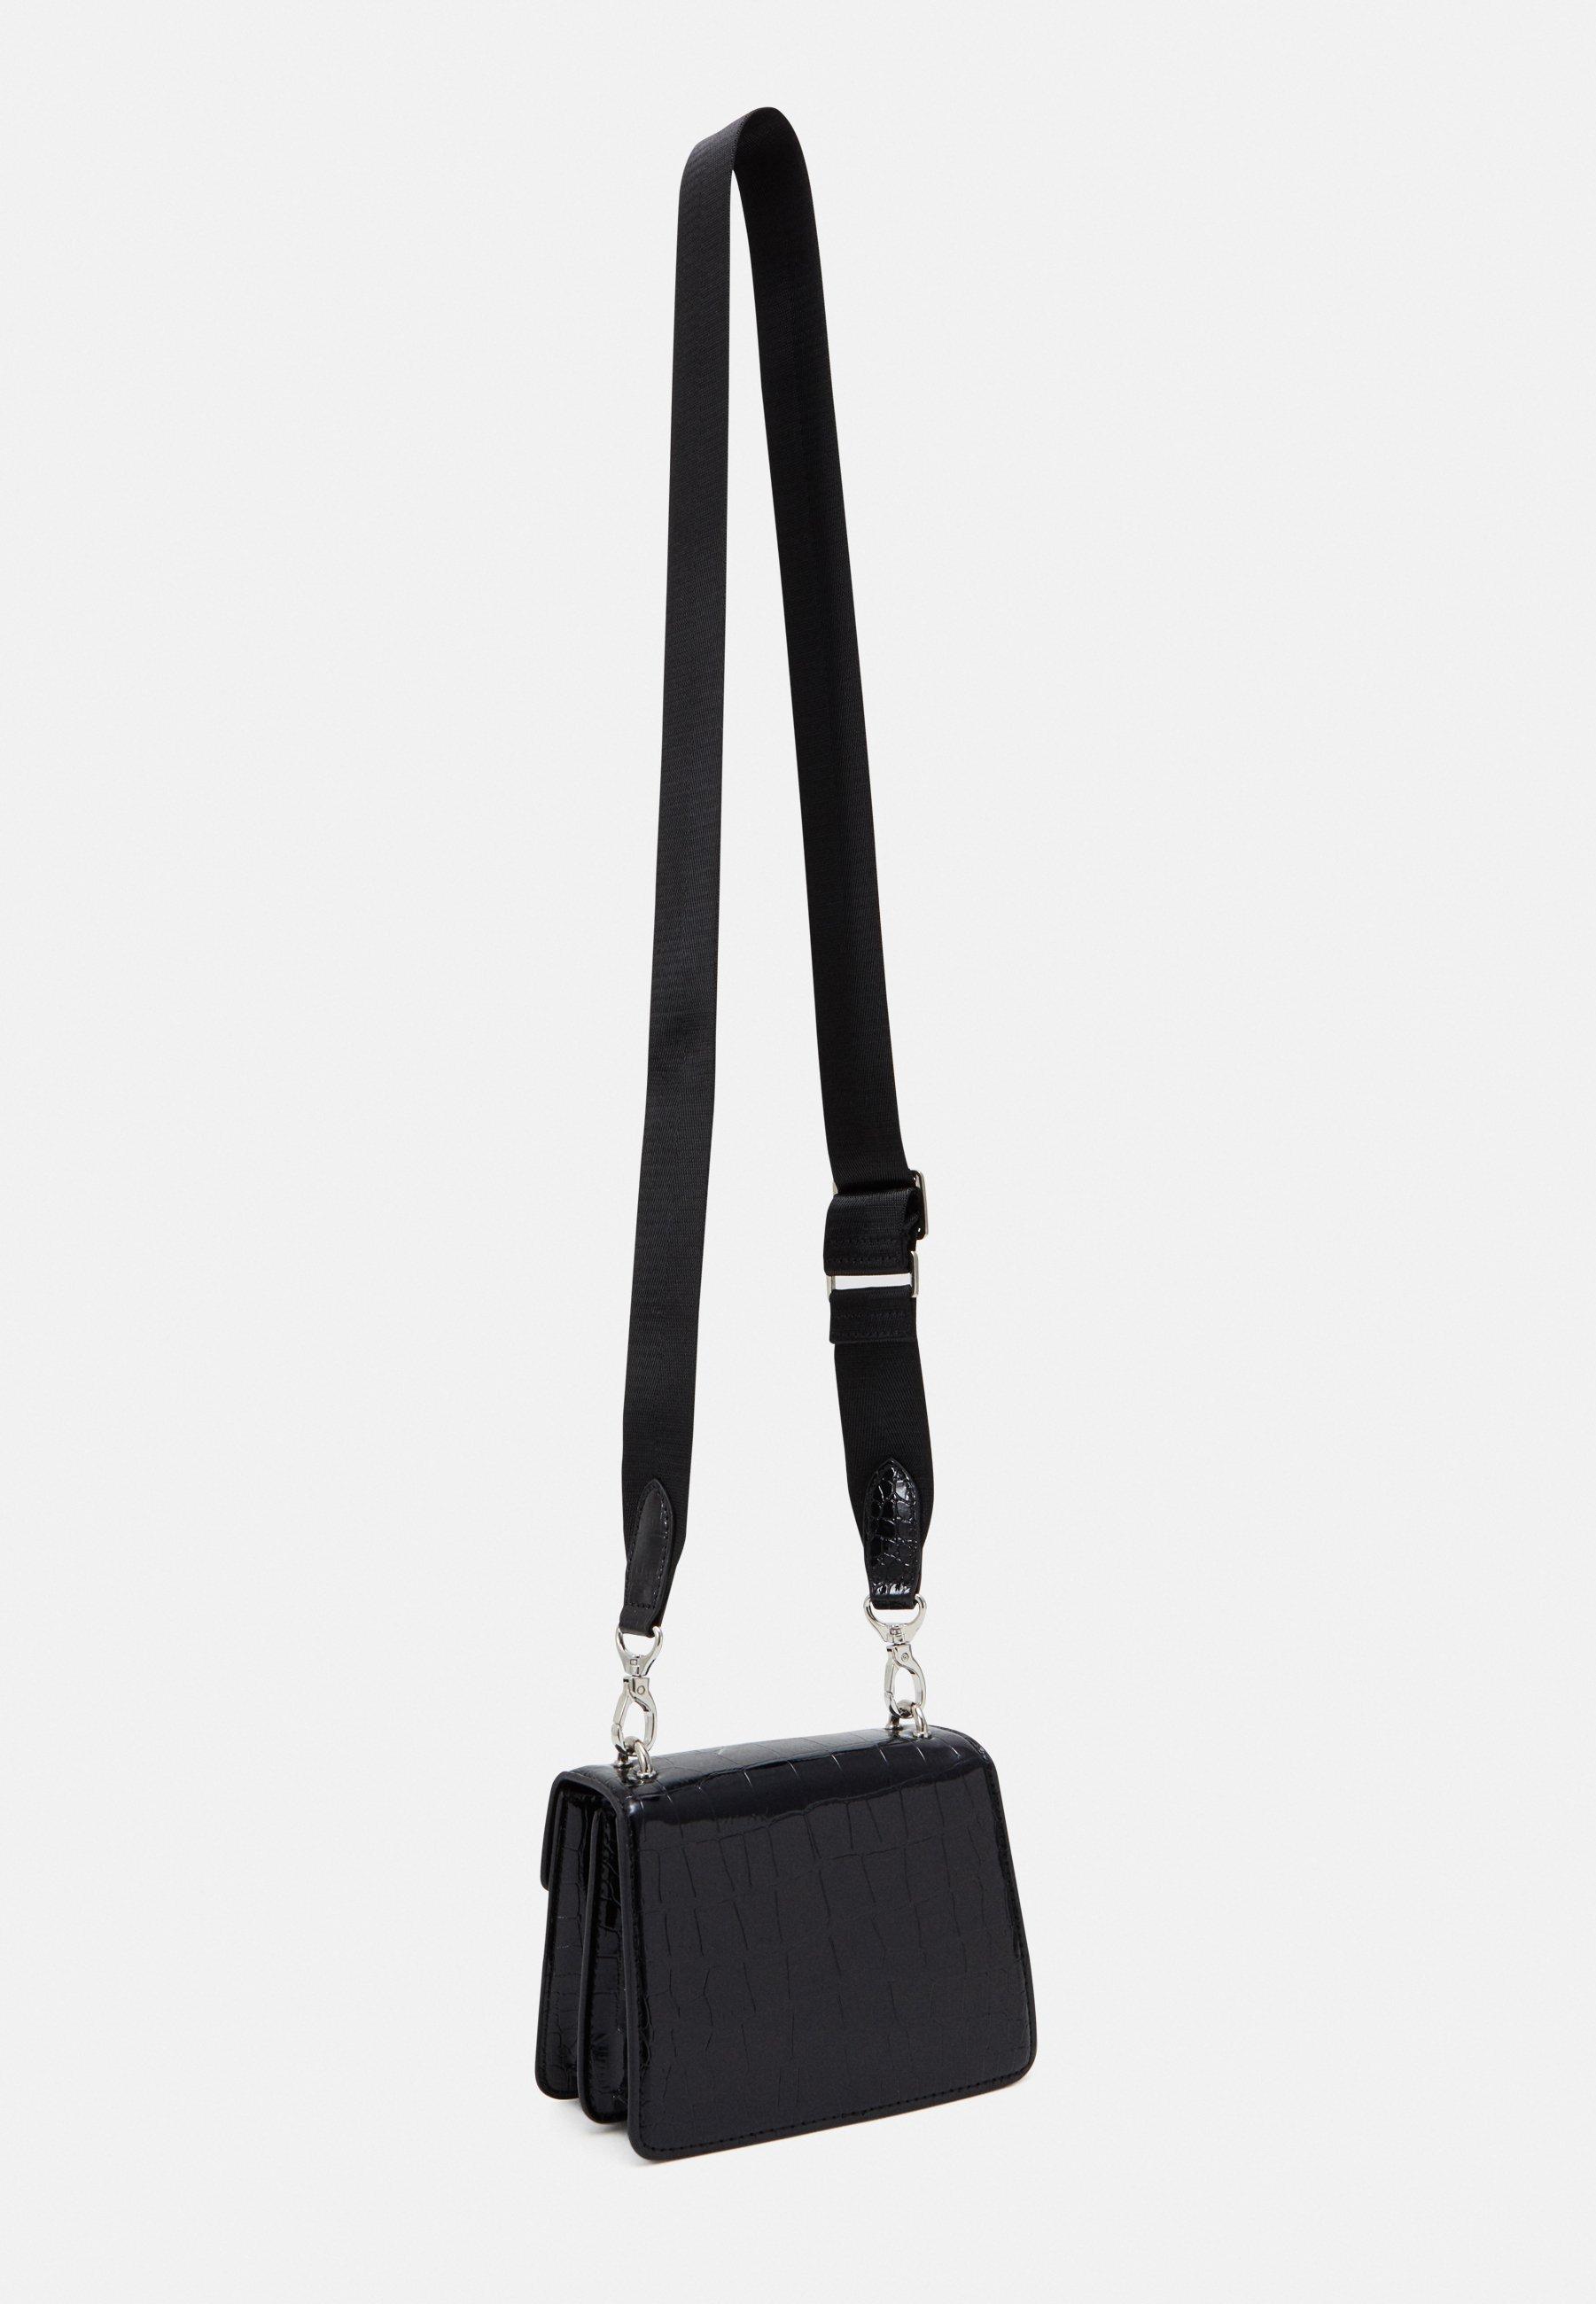 Becksöndergaard Solid Kelliy Bag - Handtasche Black/schwarz